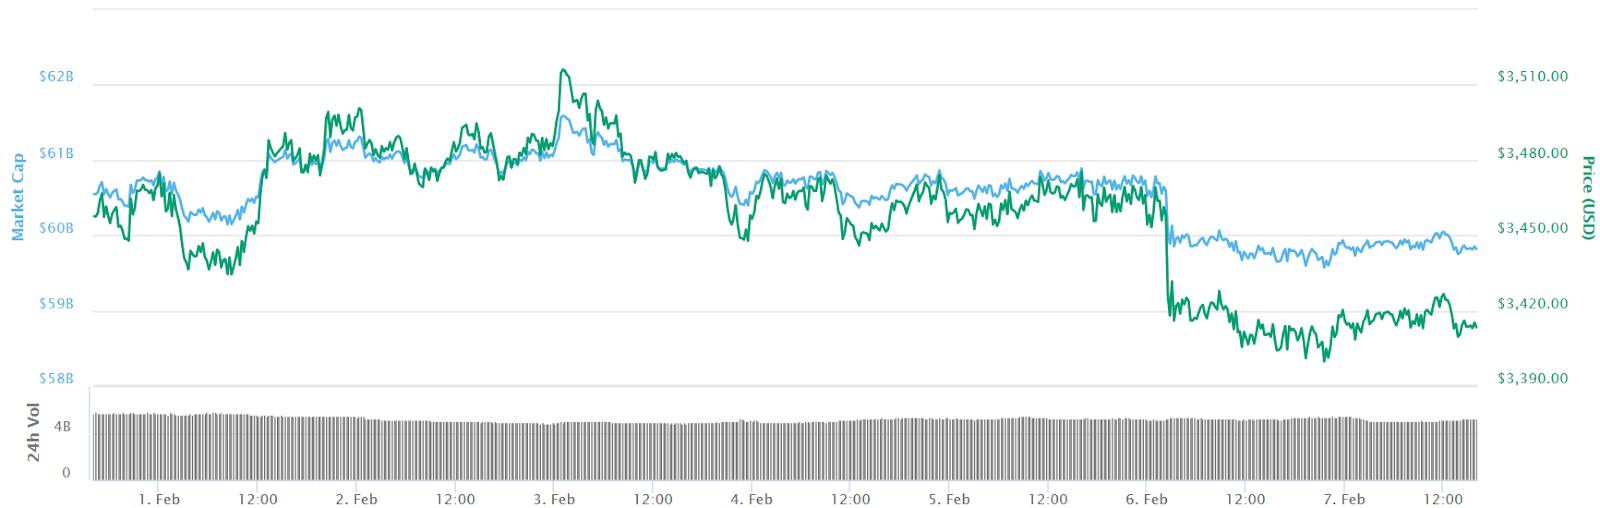 Biểu đồ giá 7 ngày của Bitcoin